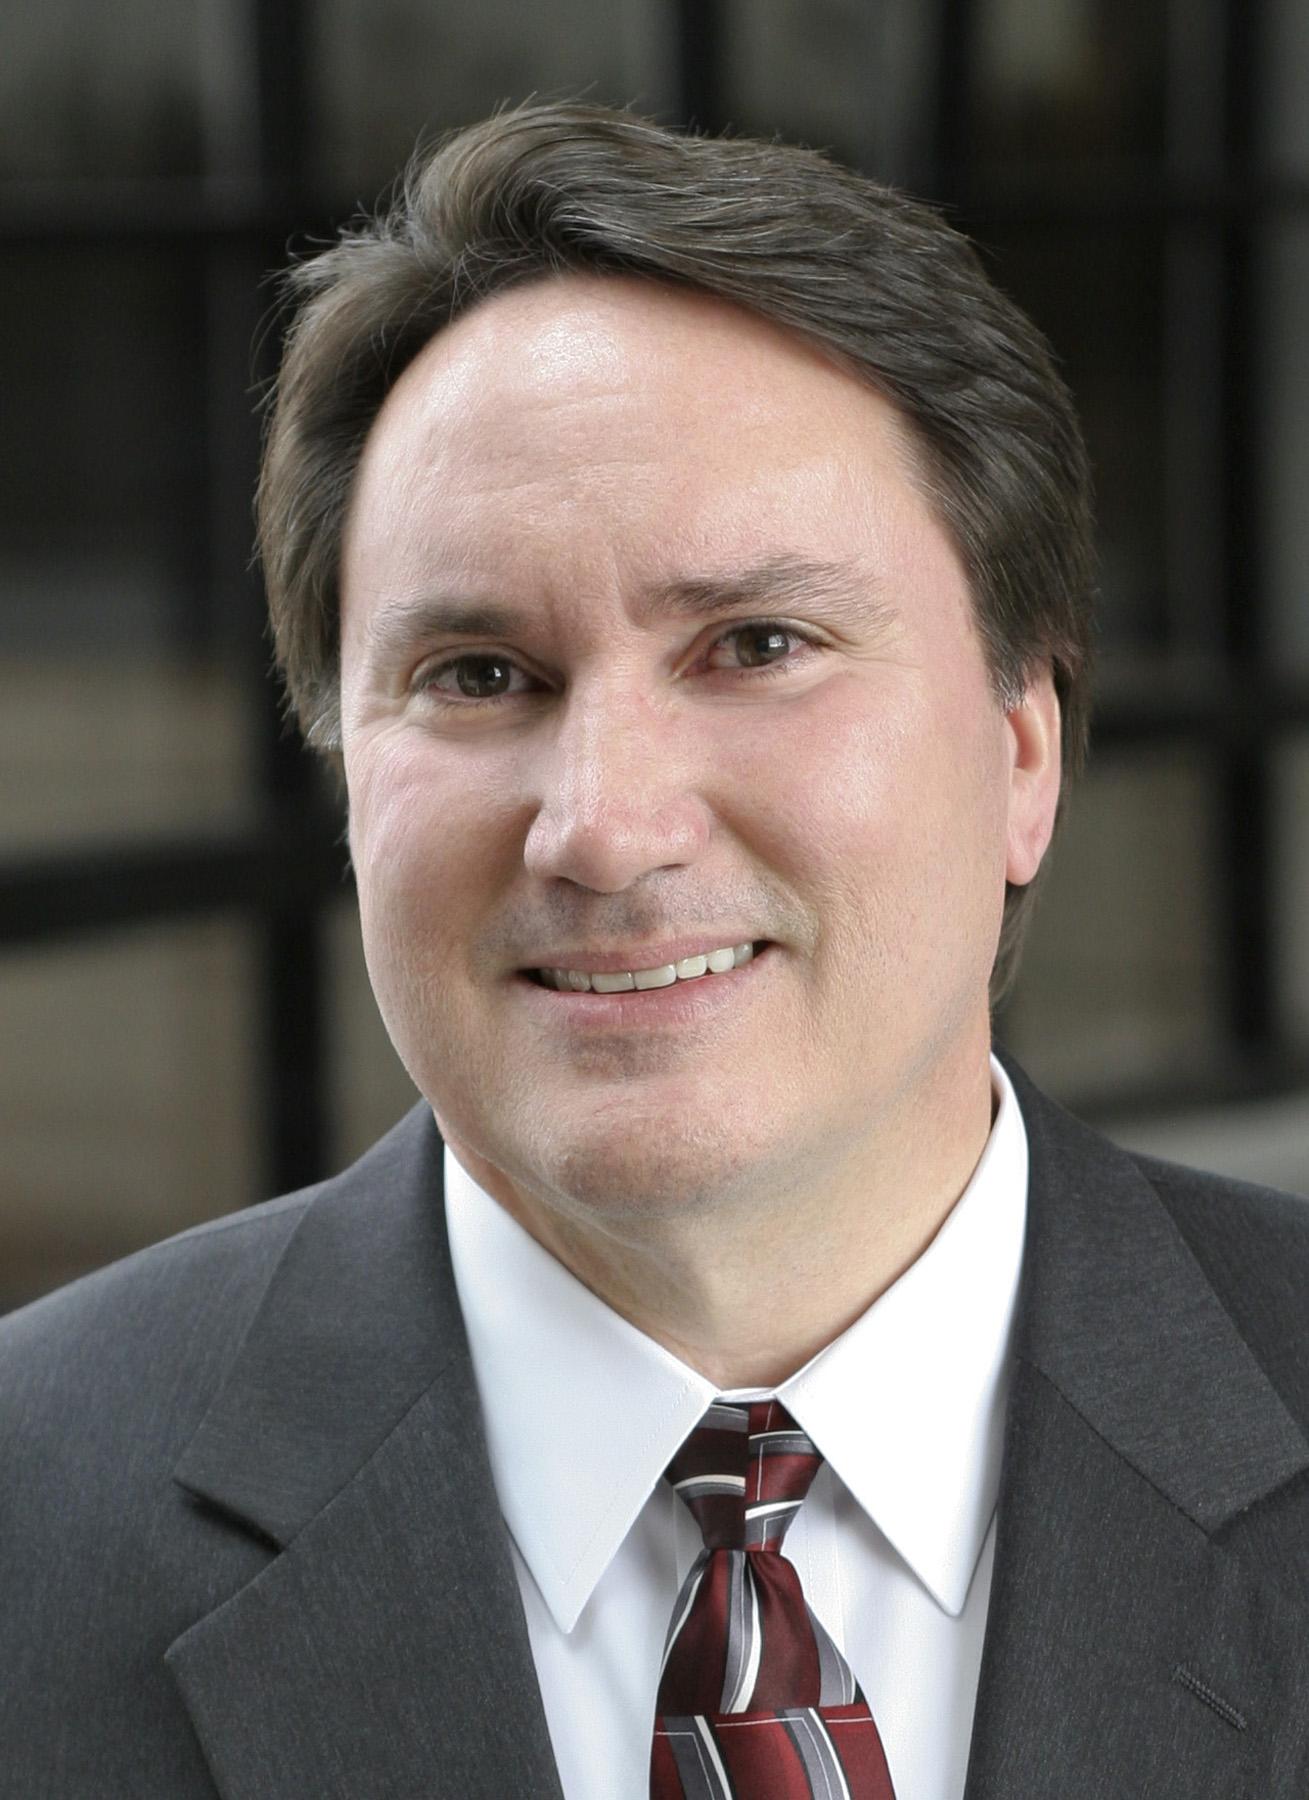 William Deckelman – DXC Technology Co.